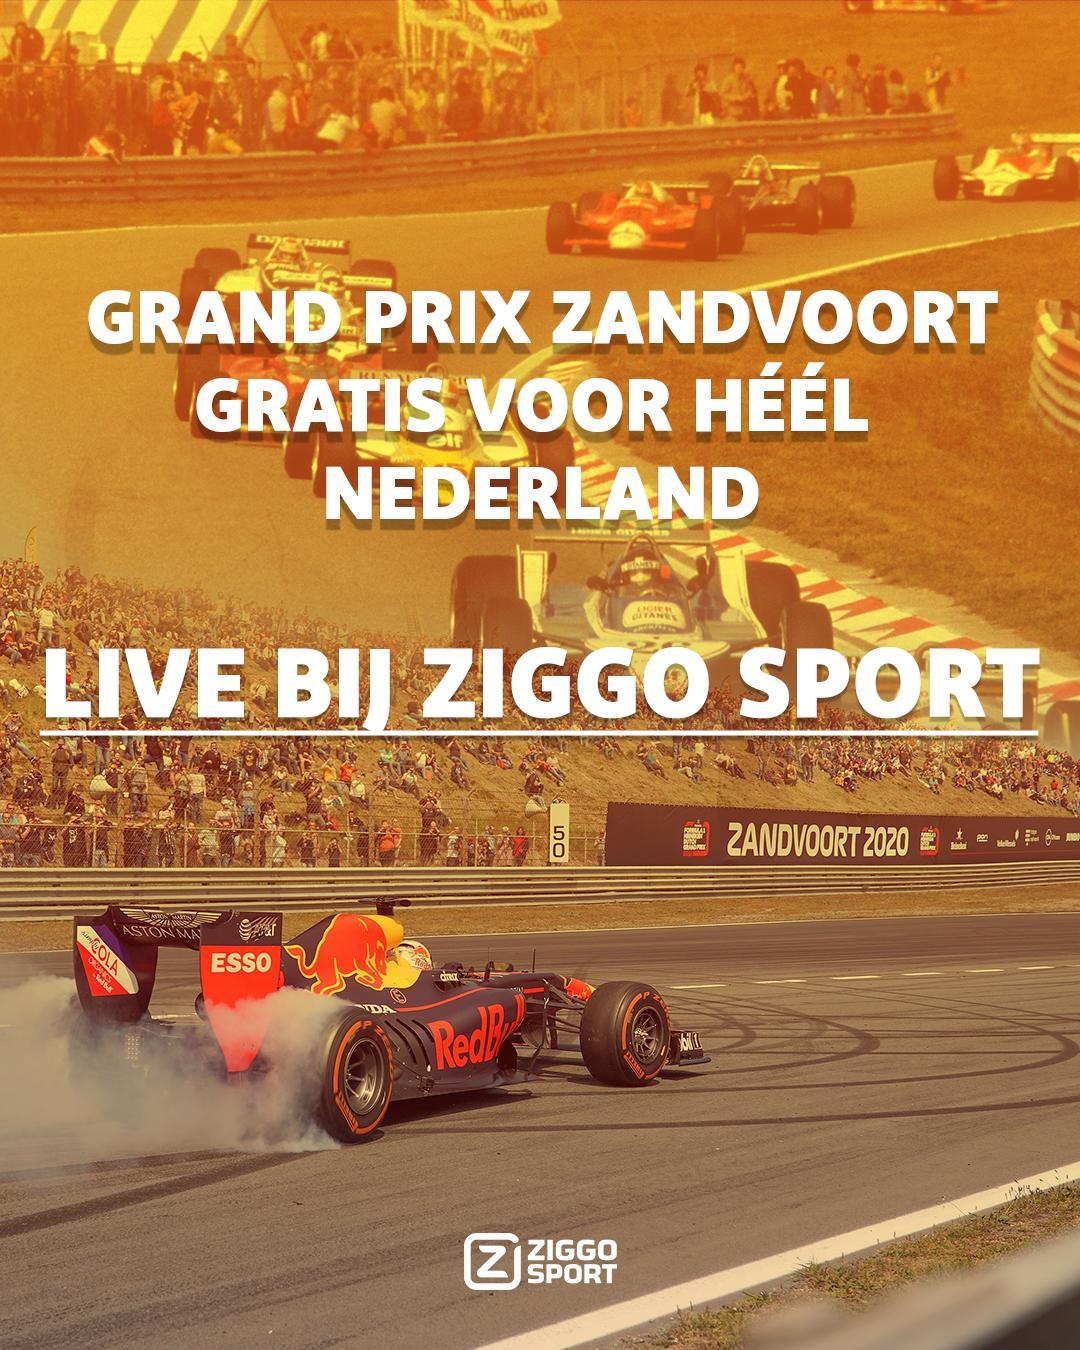 Ziggo zendt F1 Zandvoort 2020 gratis uit voor heel Nederland